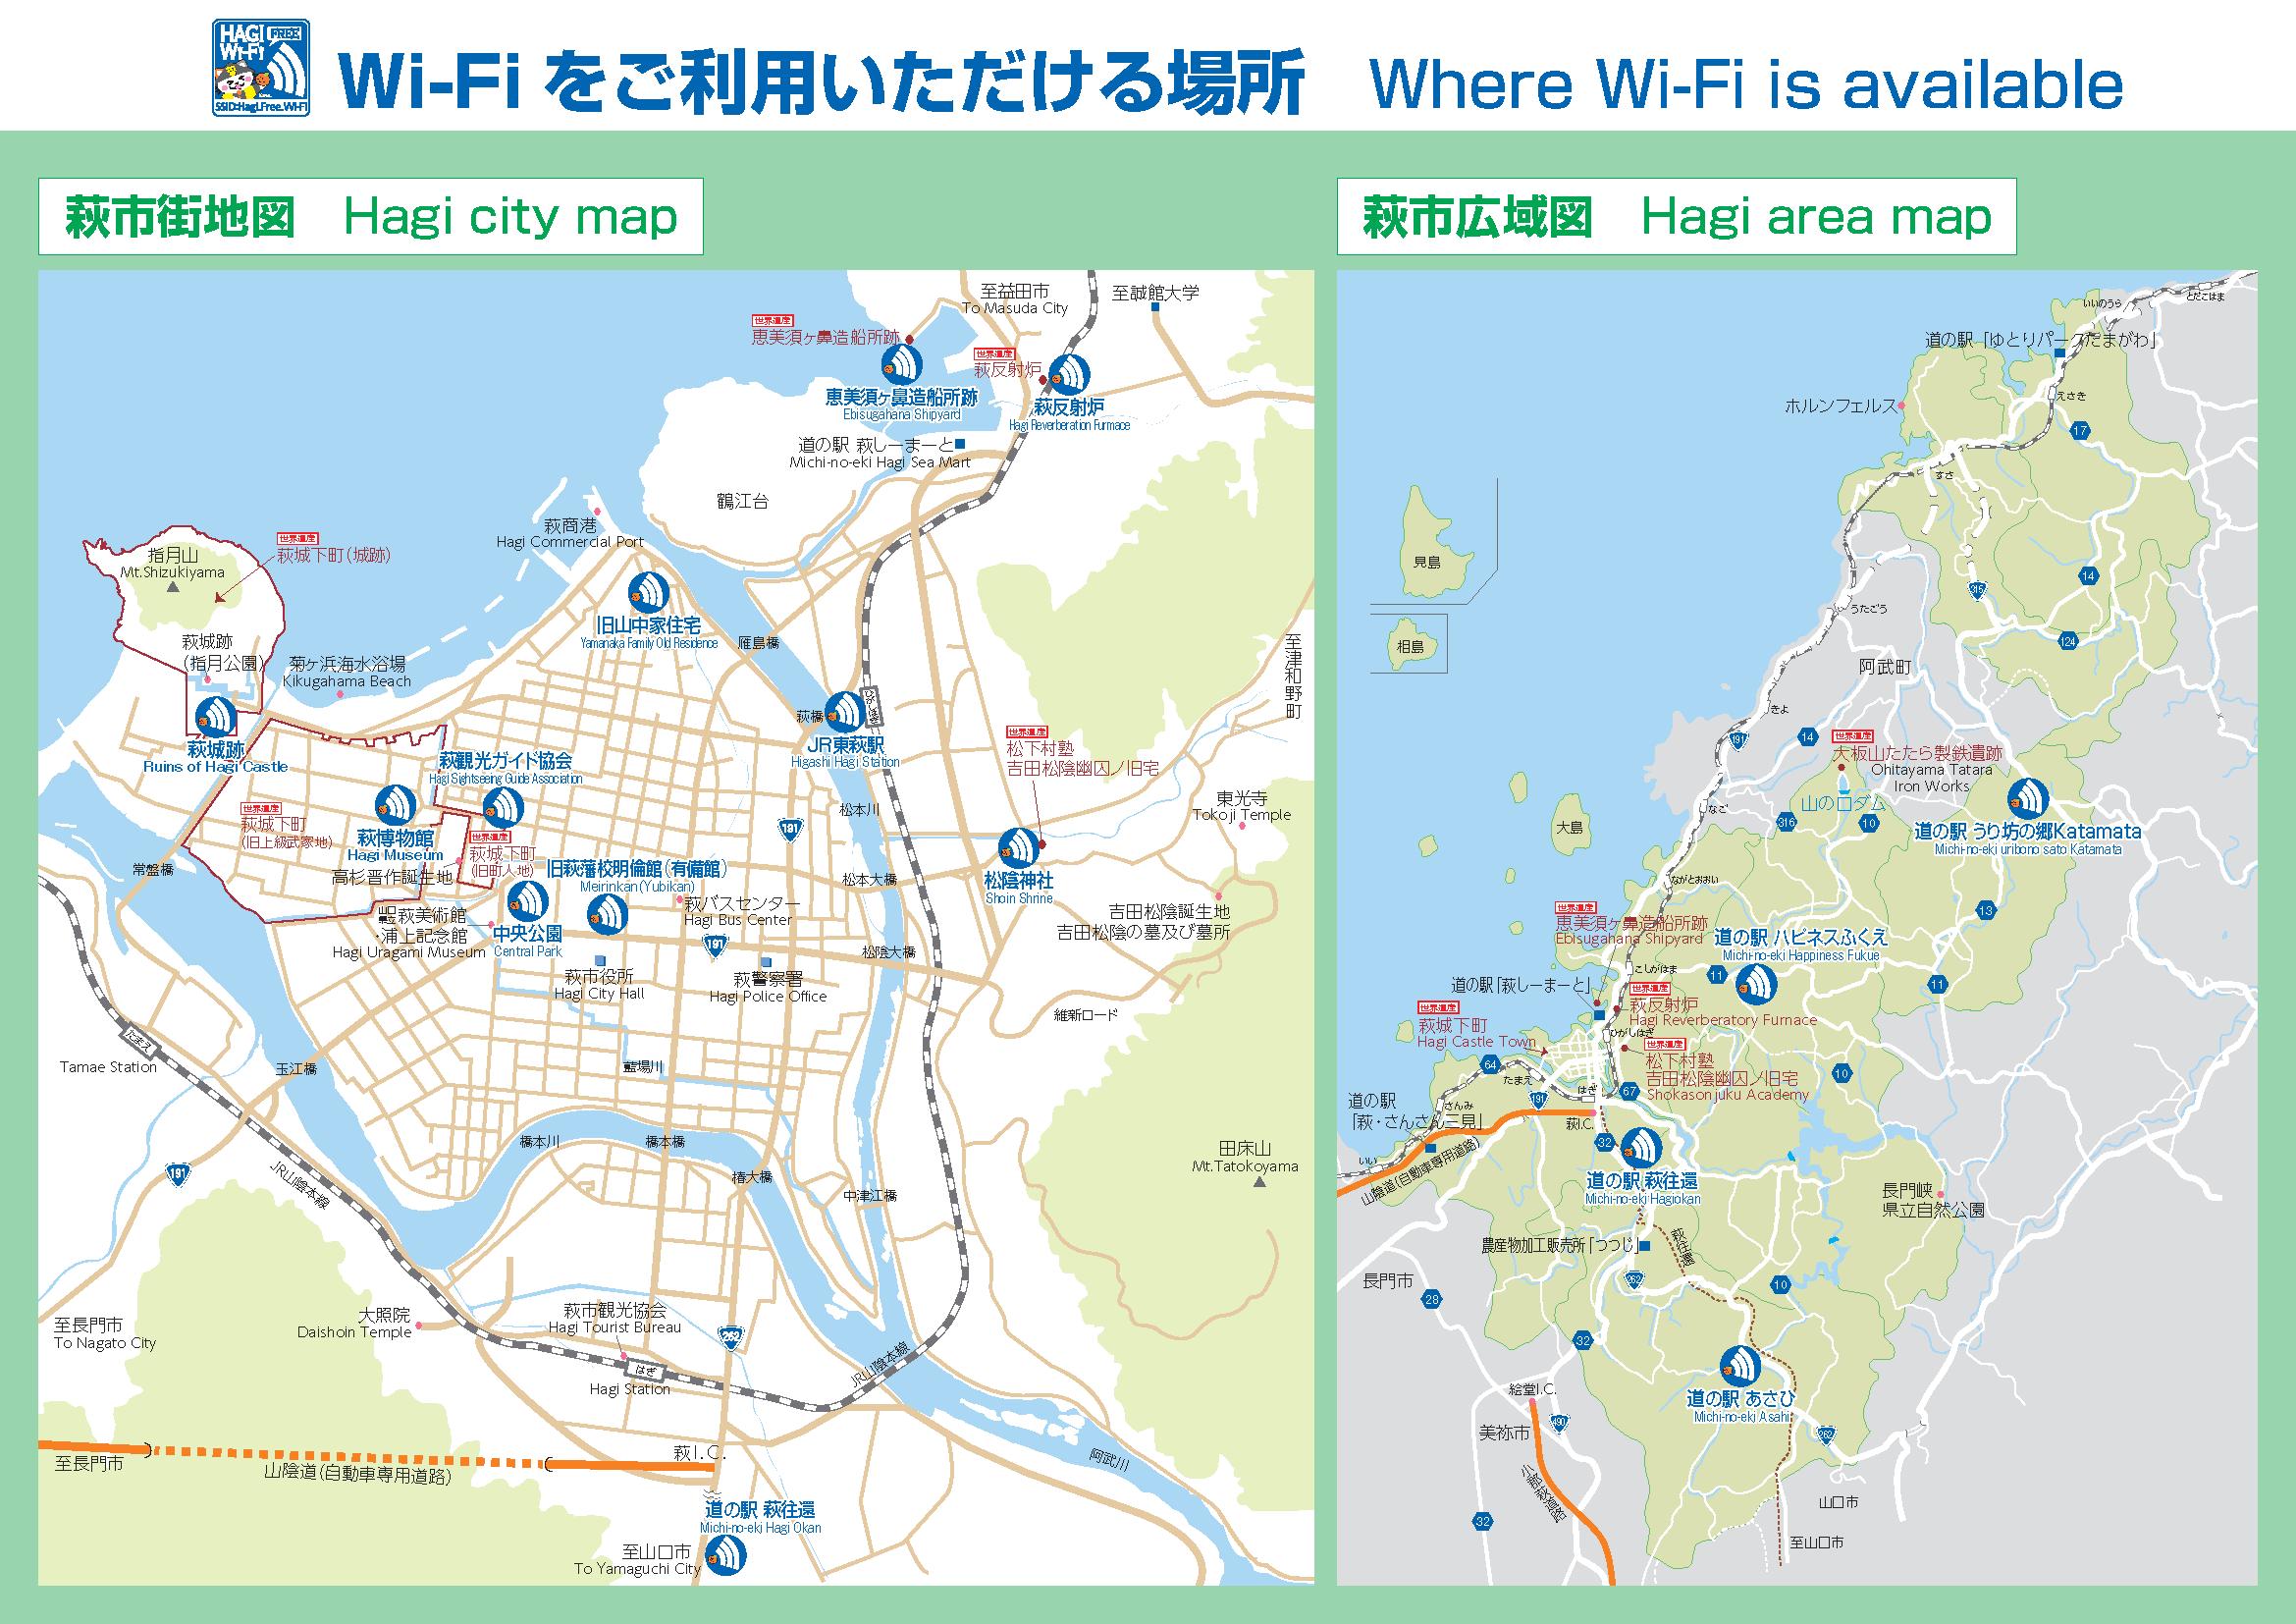 画像:wi-fiマップ